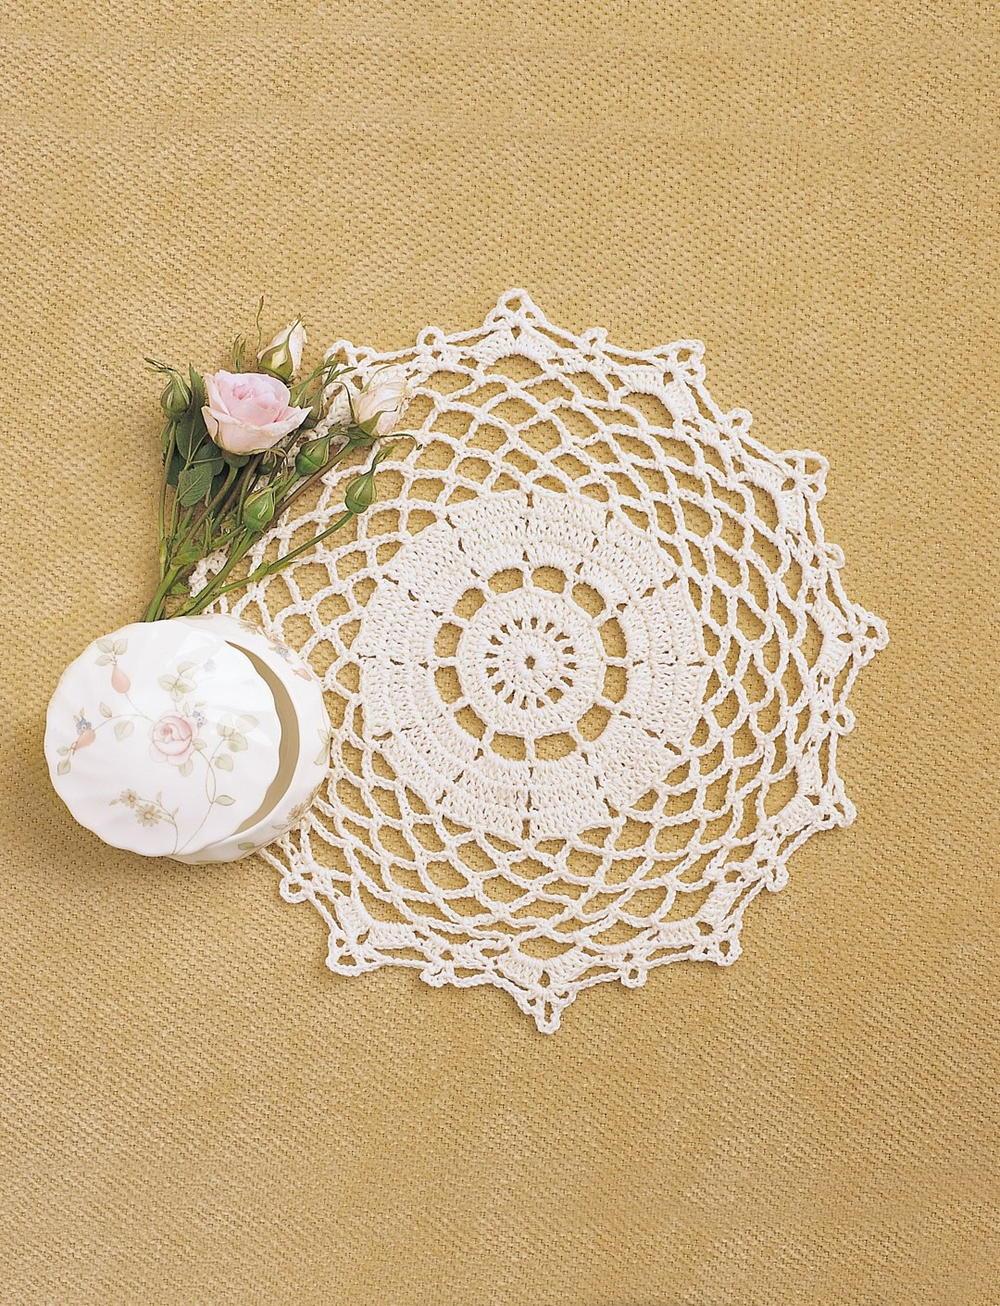 Pretty Doily Crochet Pattern Favecrafts Com